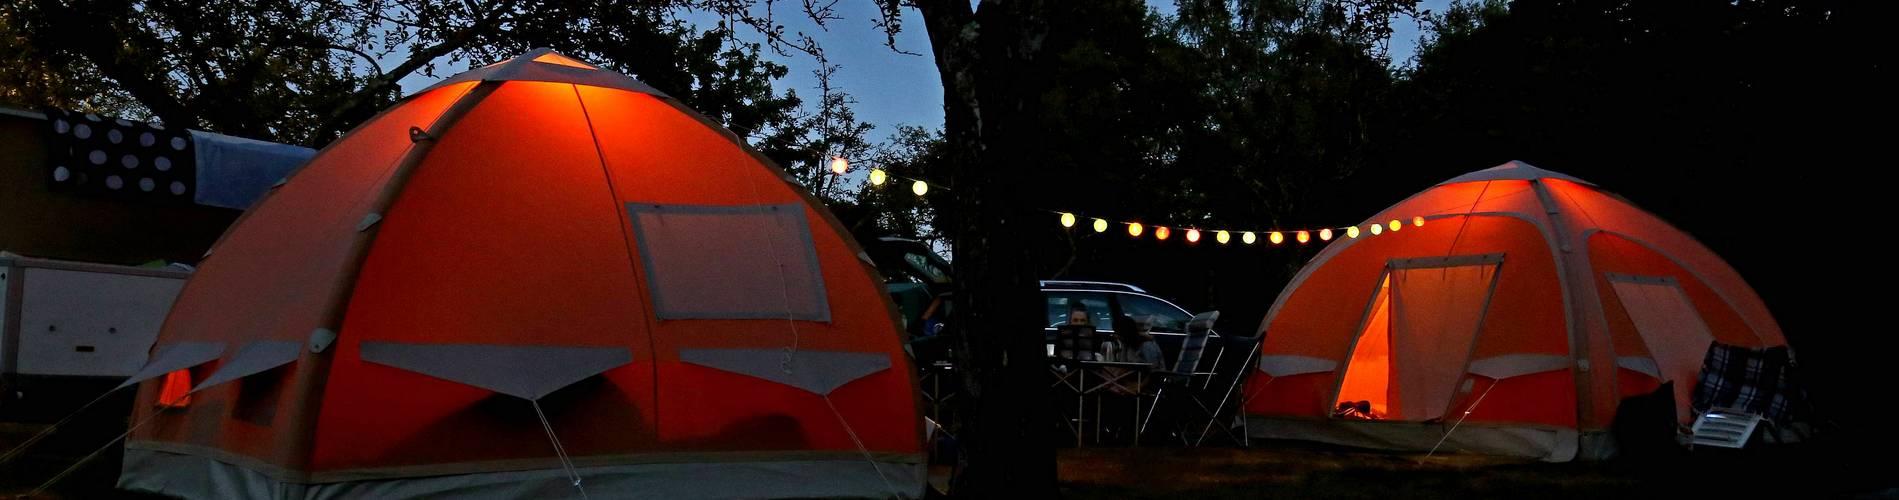 camping-les-vailhes-emplacements-bandeau-tentes-de-nuit